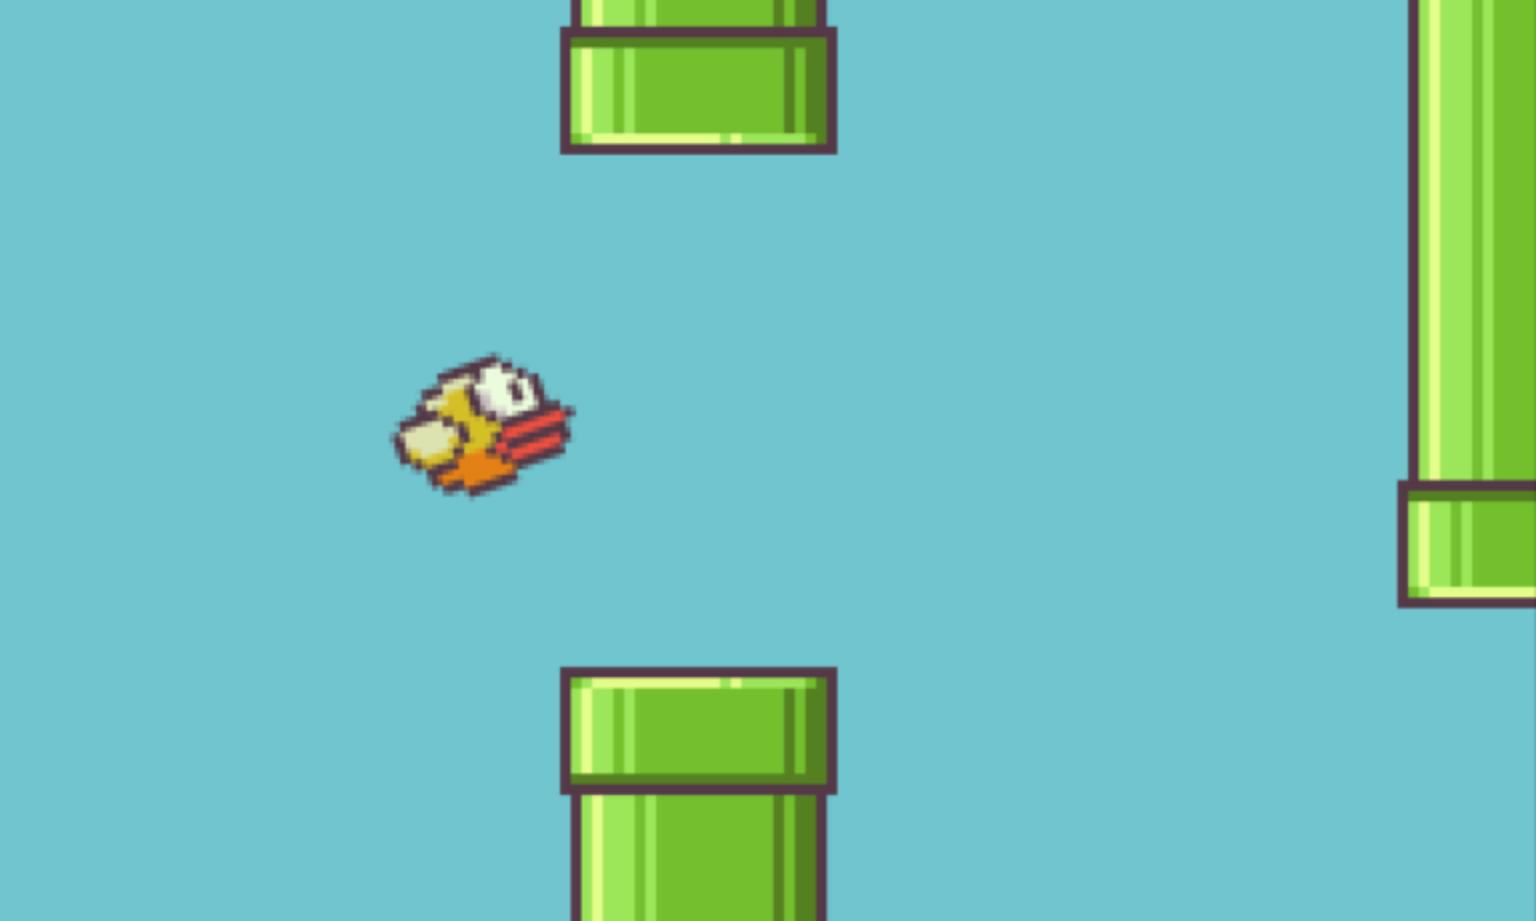 Flappy Bird của Nguyễn Hà Đông sẽ chính thức đi vào di vãng vào đêm nay với iOS 11